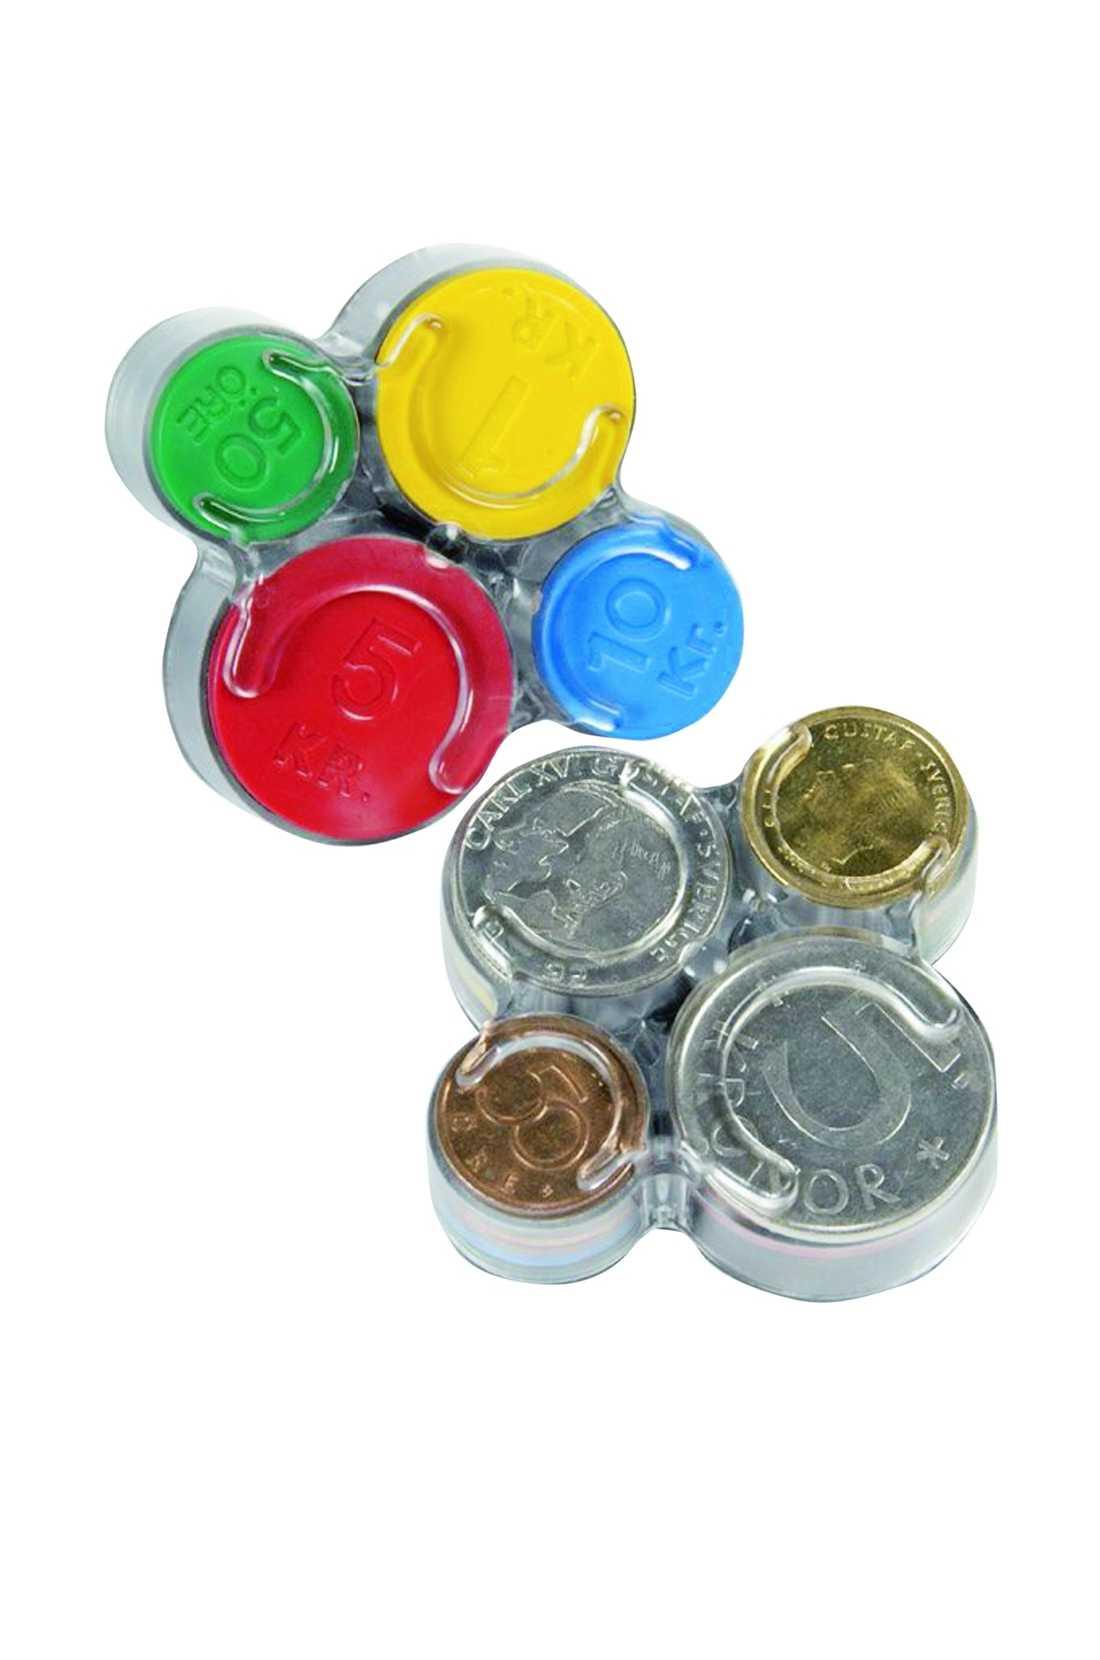 Slipp skramlande mynt i väskan med denna klassiska myntbox. Den kostar 45 kronor på www.guapo.se